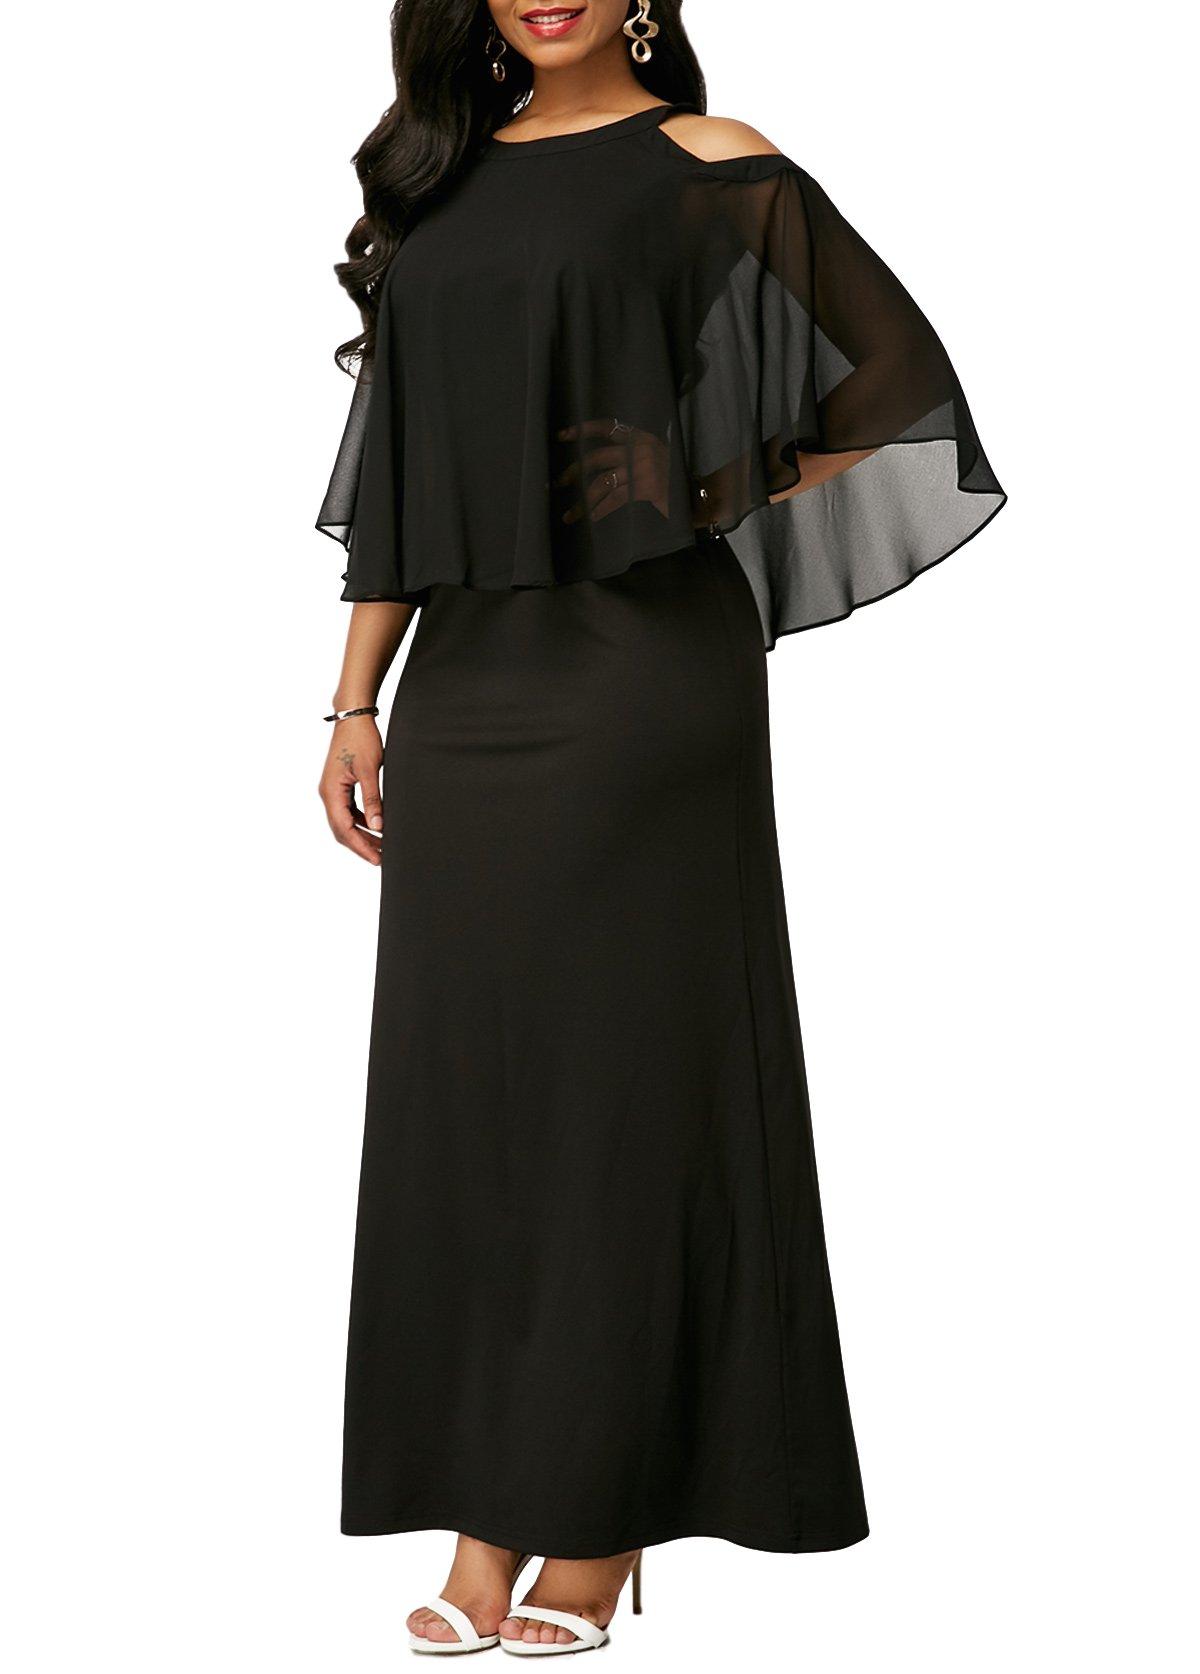 b6921f0558 36 elegancka sukienka wesele ślub chrzciny - 7418406072 - oficjalne ...